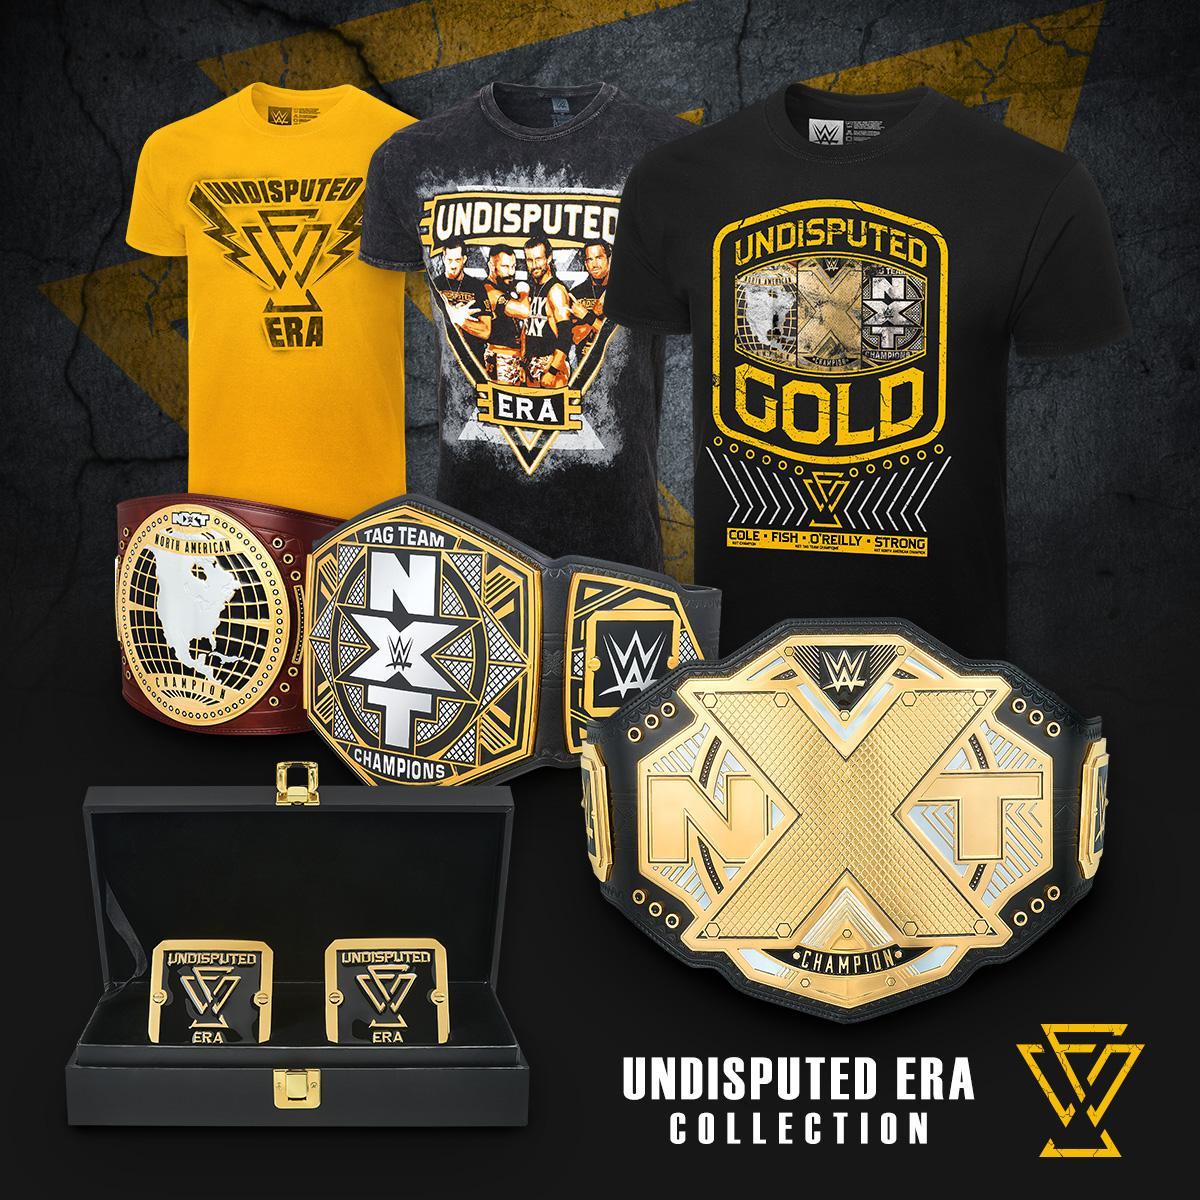 Get all your #UndisputedEra gear at #WWEShop. #WWE #NXT @WWENXT @AdamColePro @KORcombat @theBobbyFish @roderickstrong